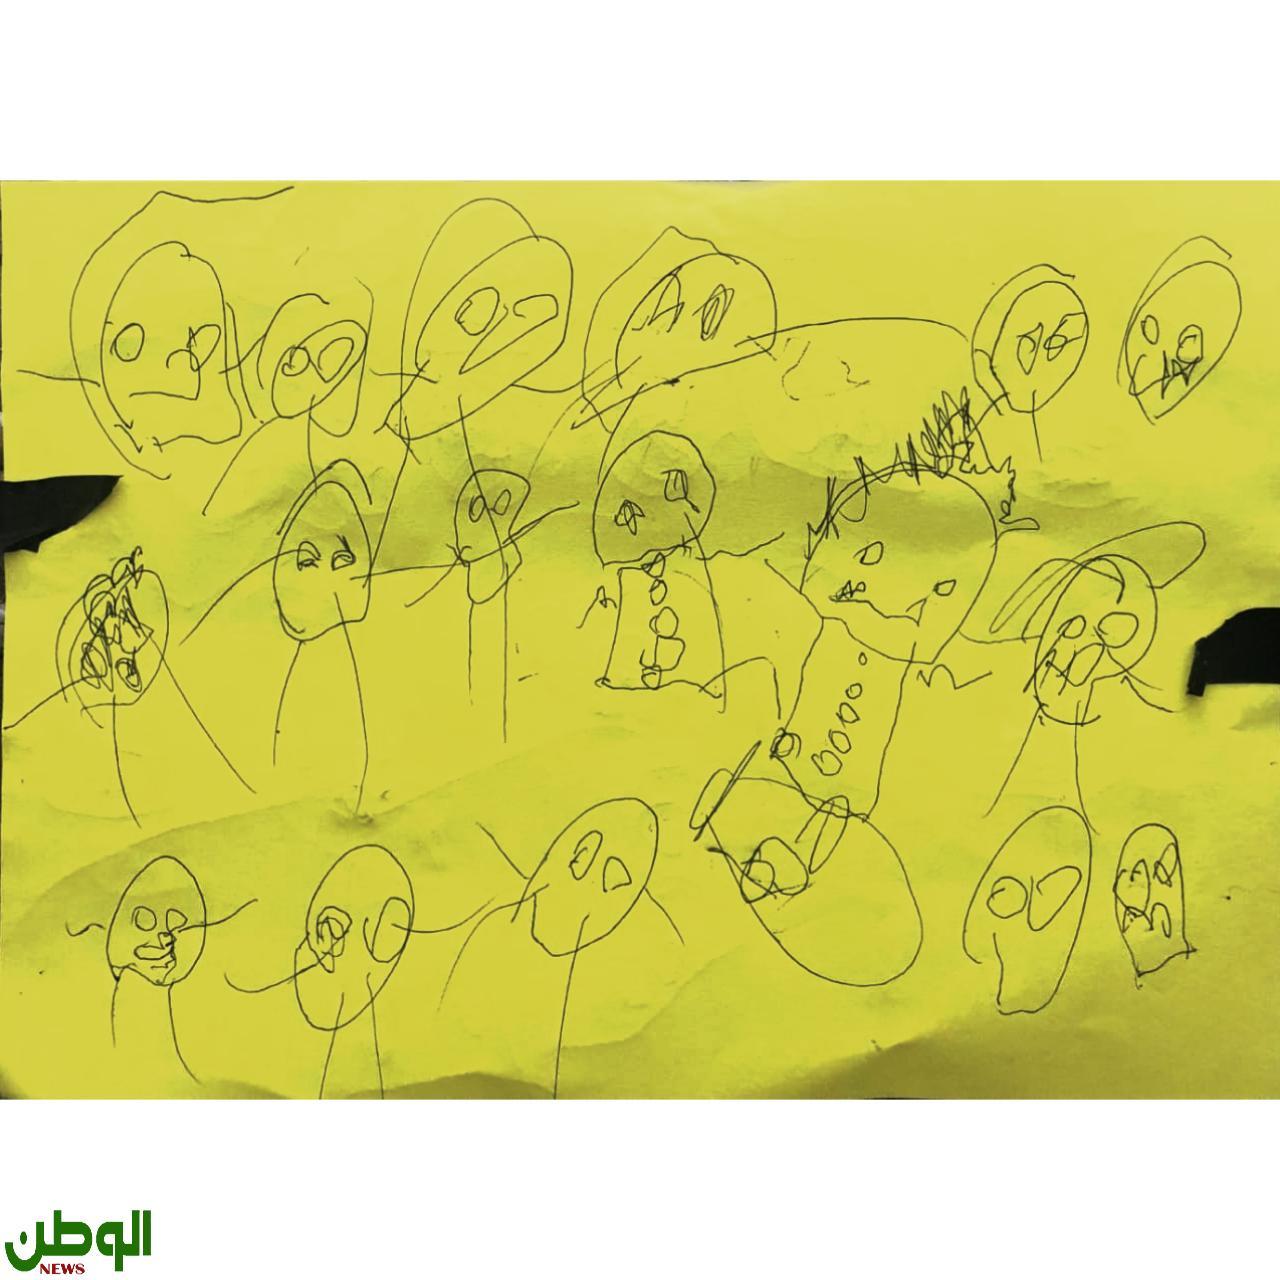 تحليل ( لوحة  اشباح من الحبشة)  للطفل ( ف.  م. ع )